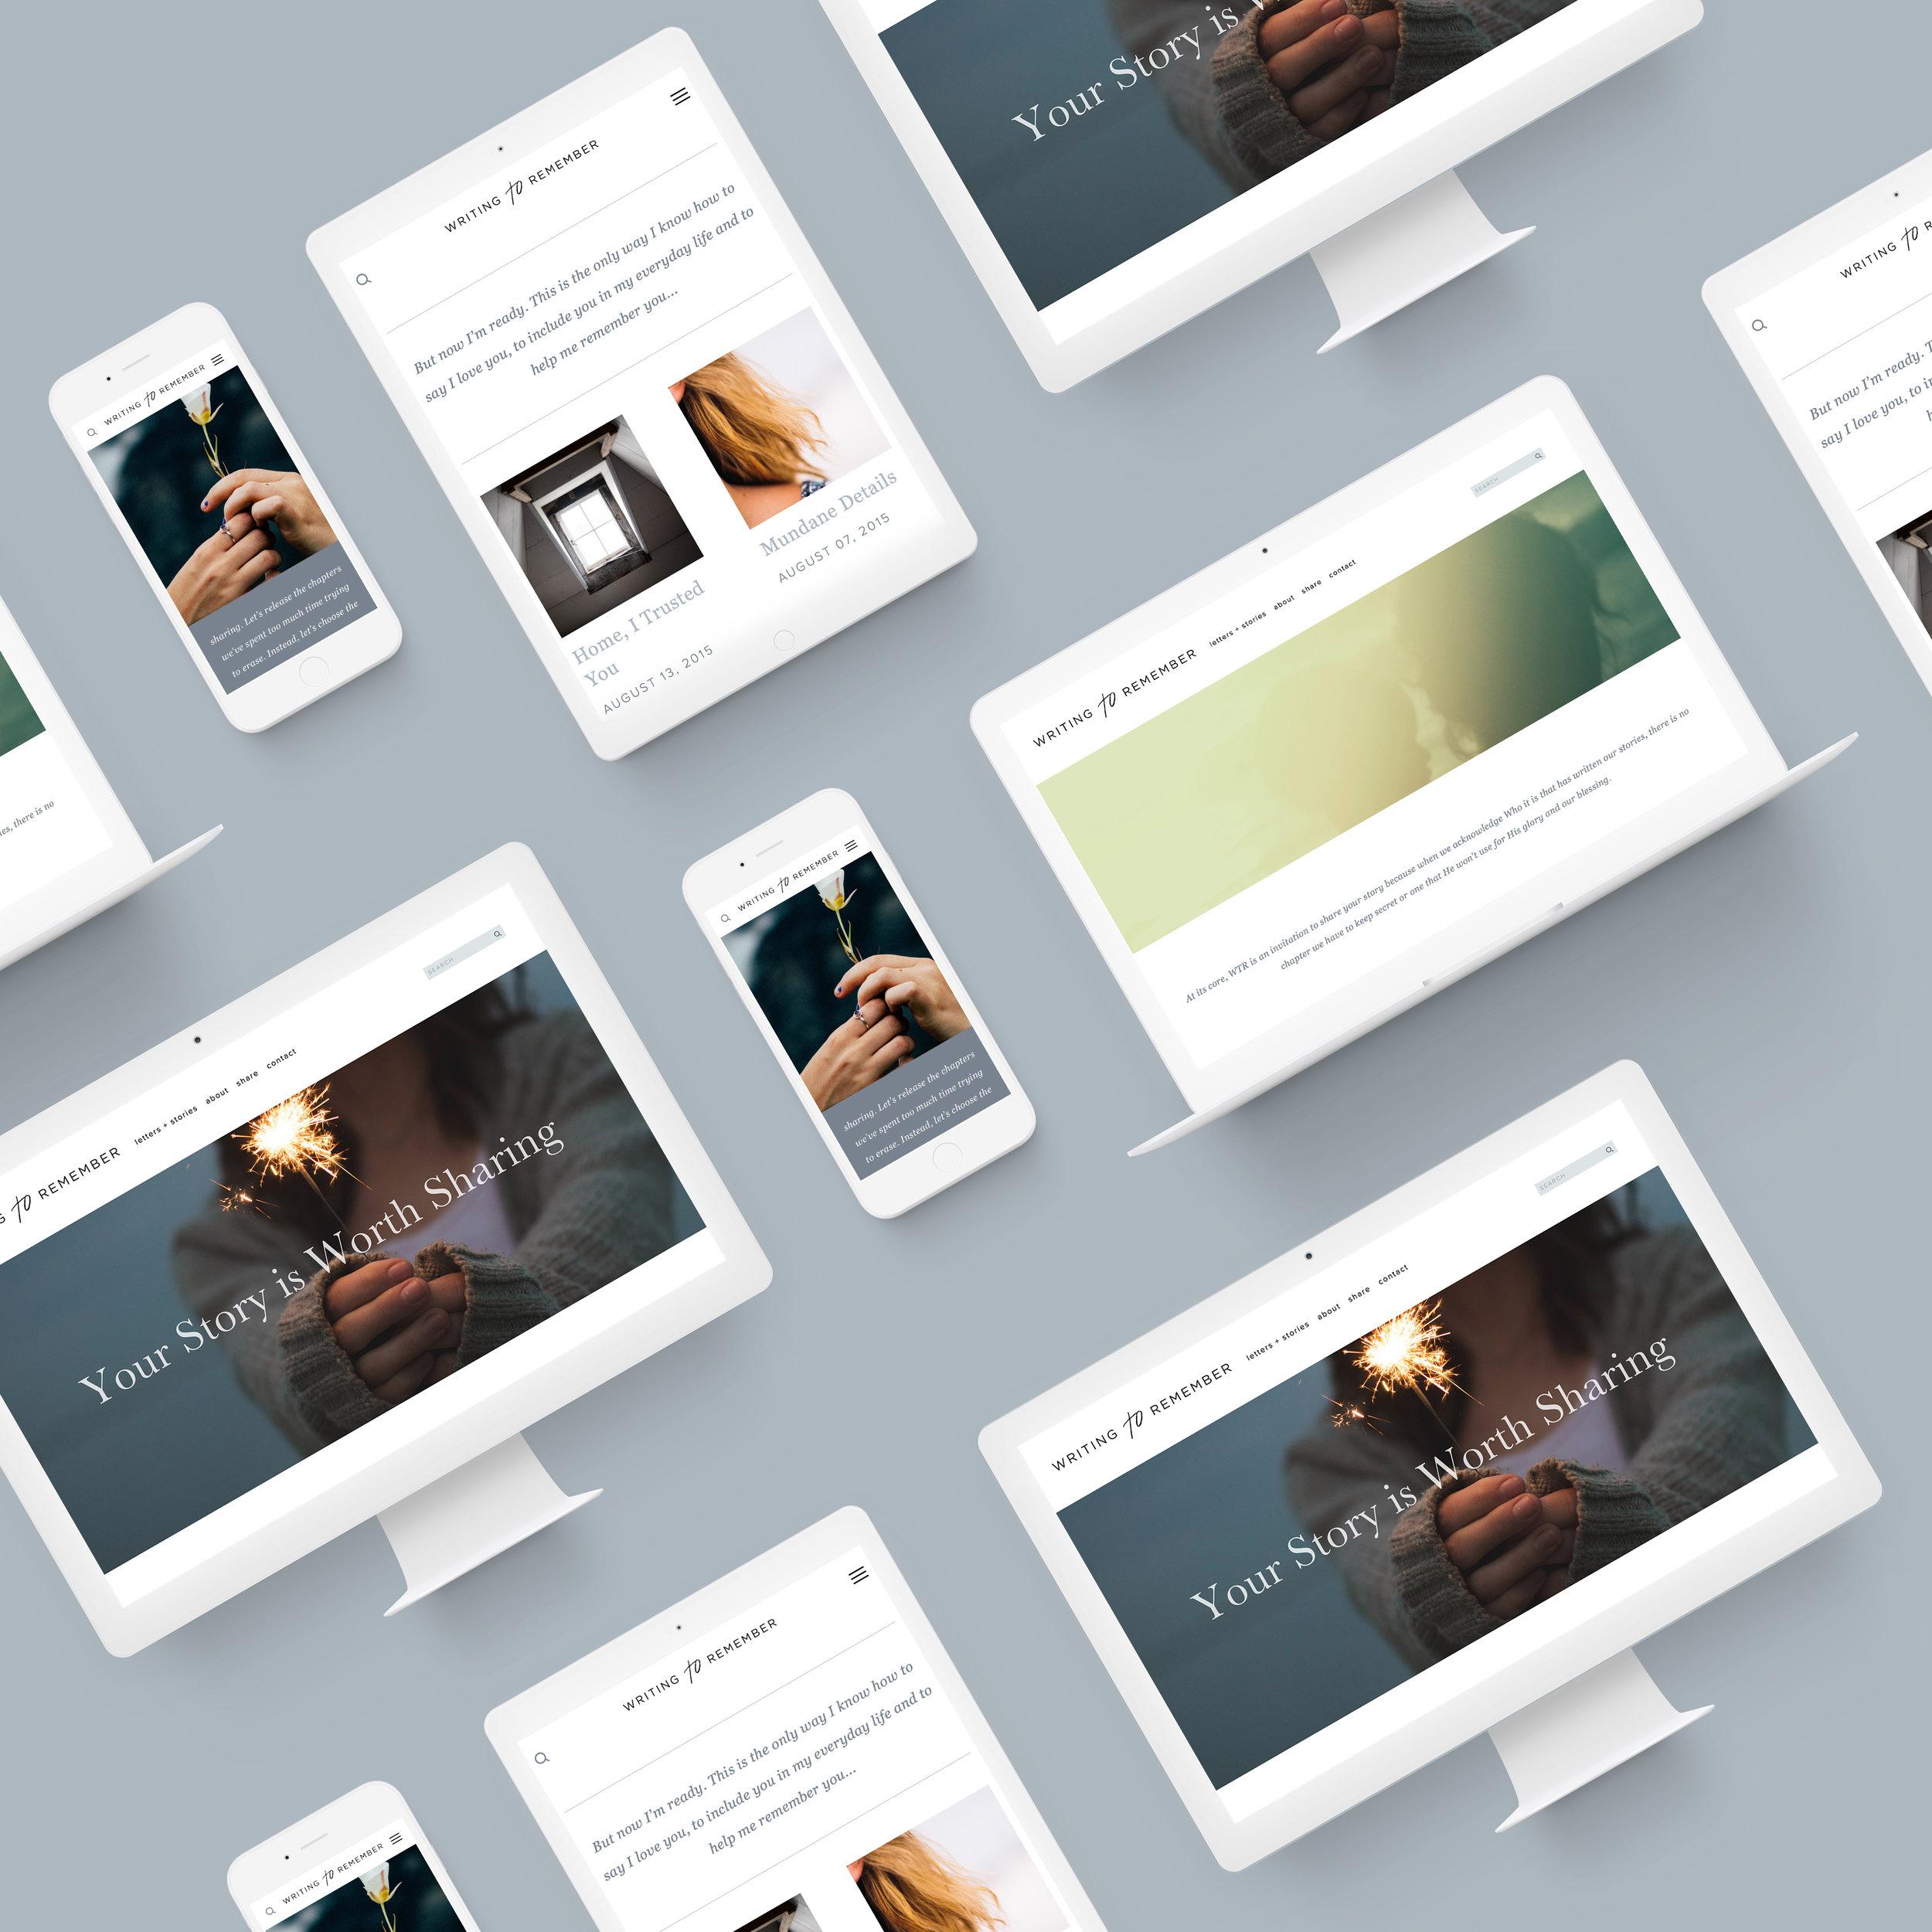 wtr-device-mock.jpg